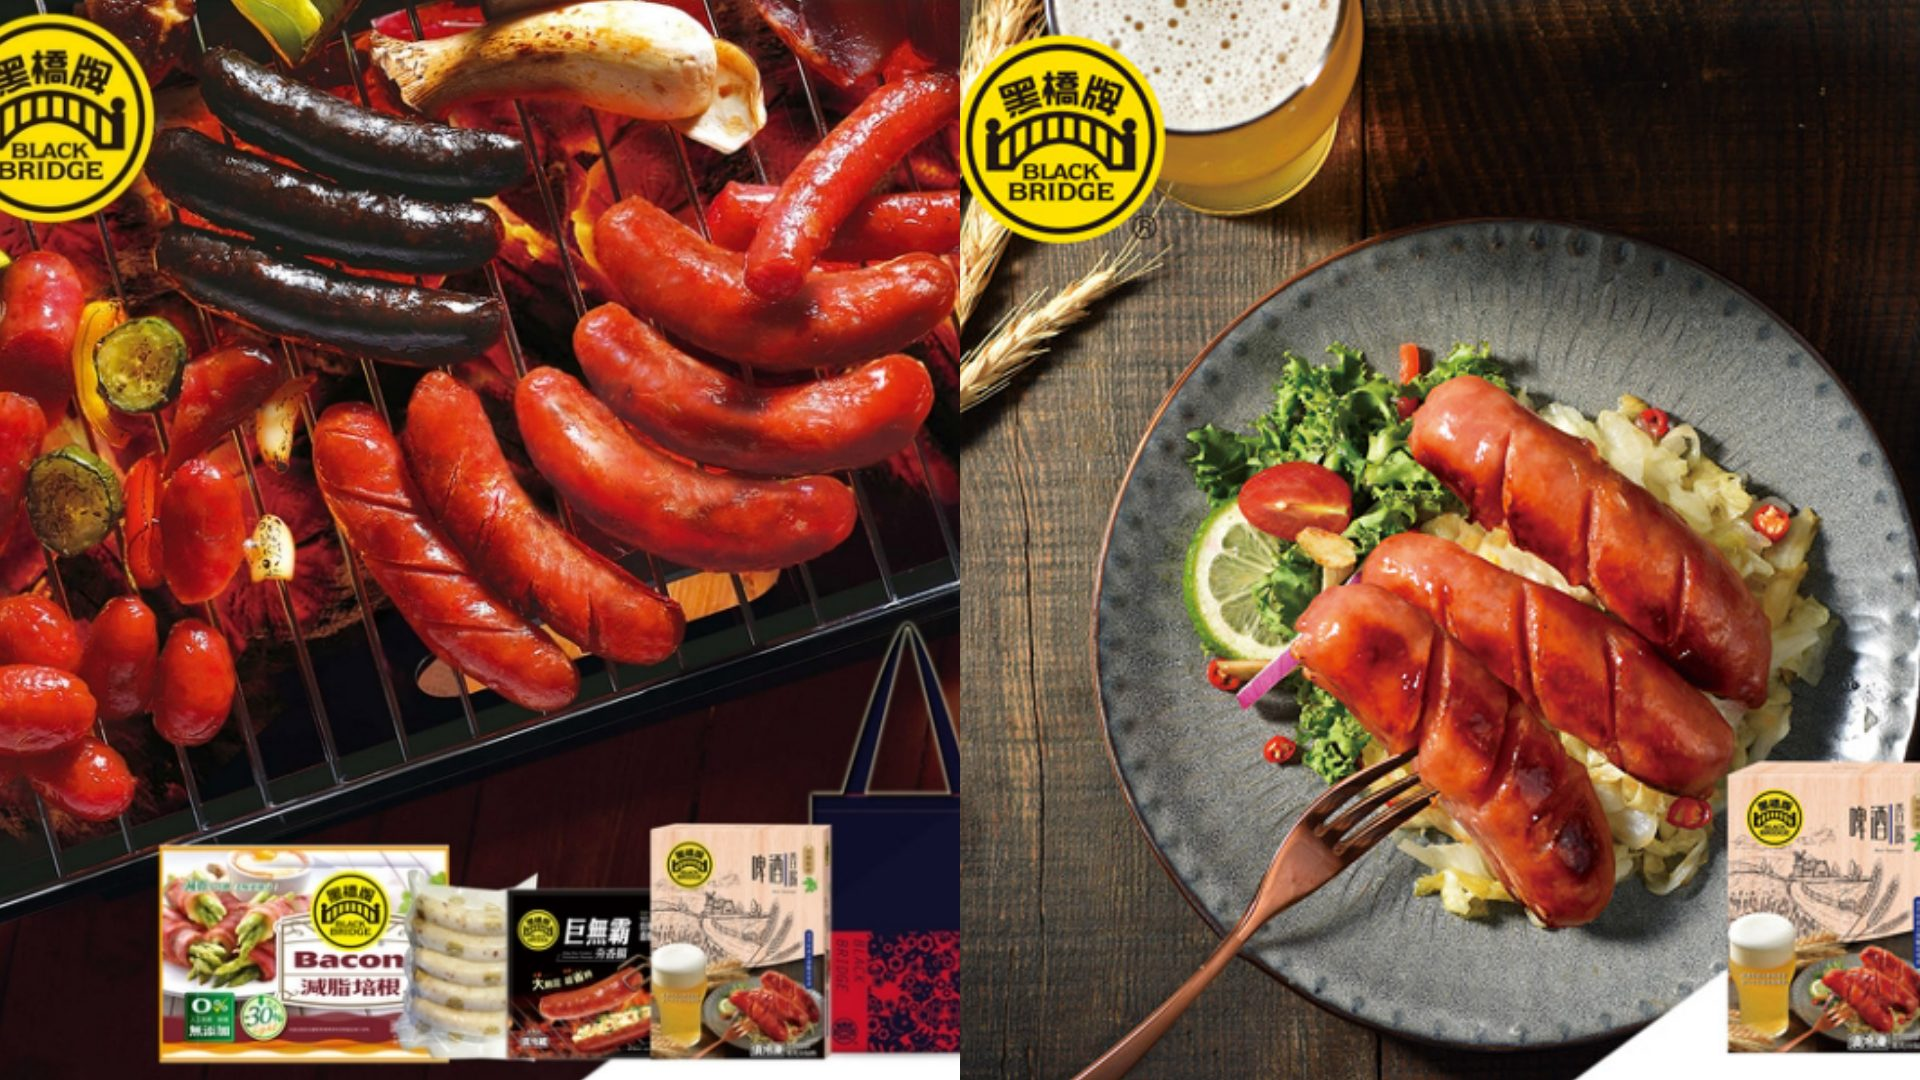 黑橋牌香腸精挑新鮮優質豬腿肉,以傳家配料自然醃製12小時以上,不摻粉、不加色素,真實呈現飽滿肉質的原產風味